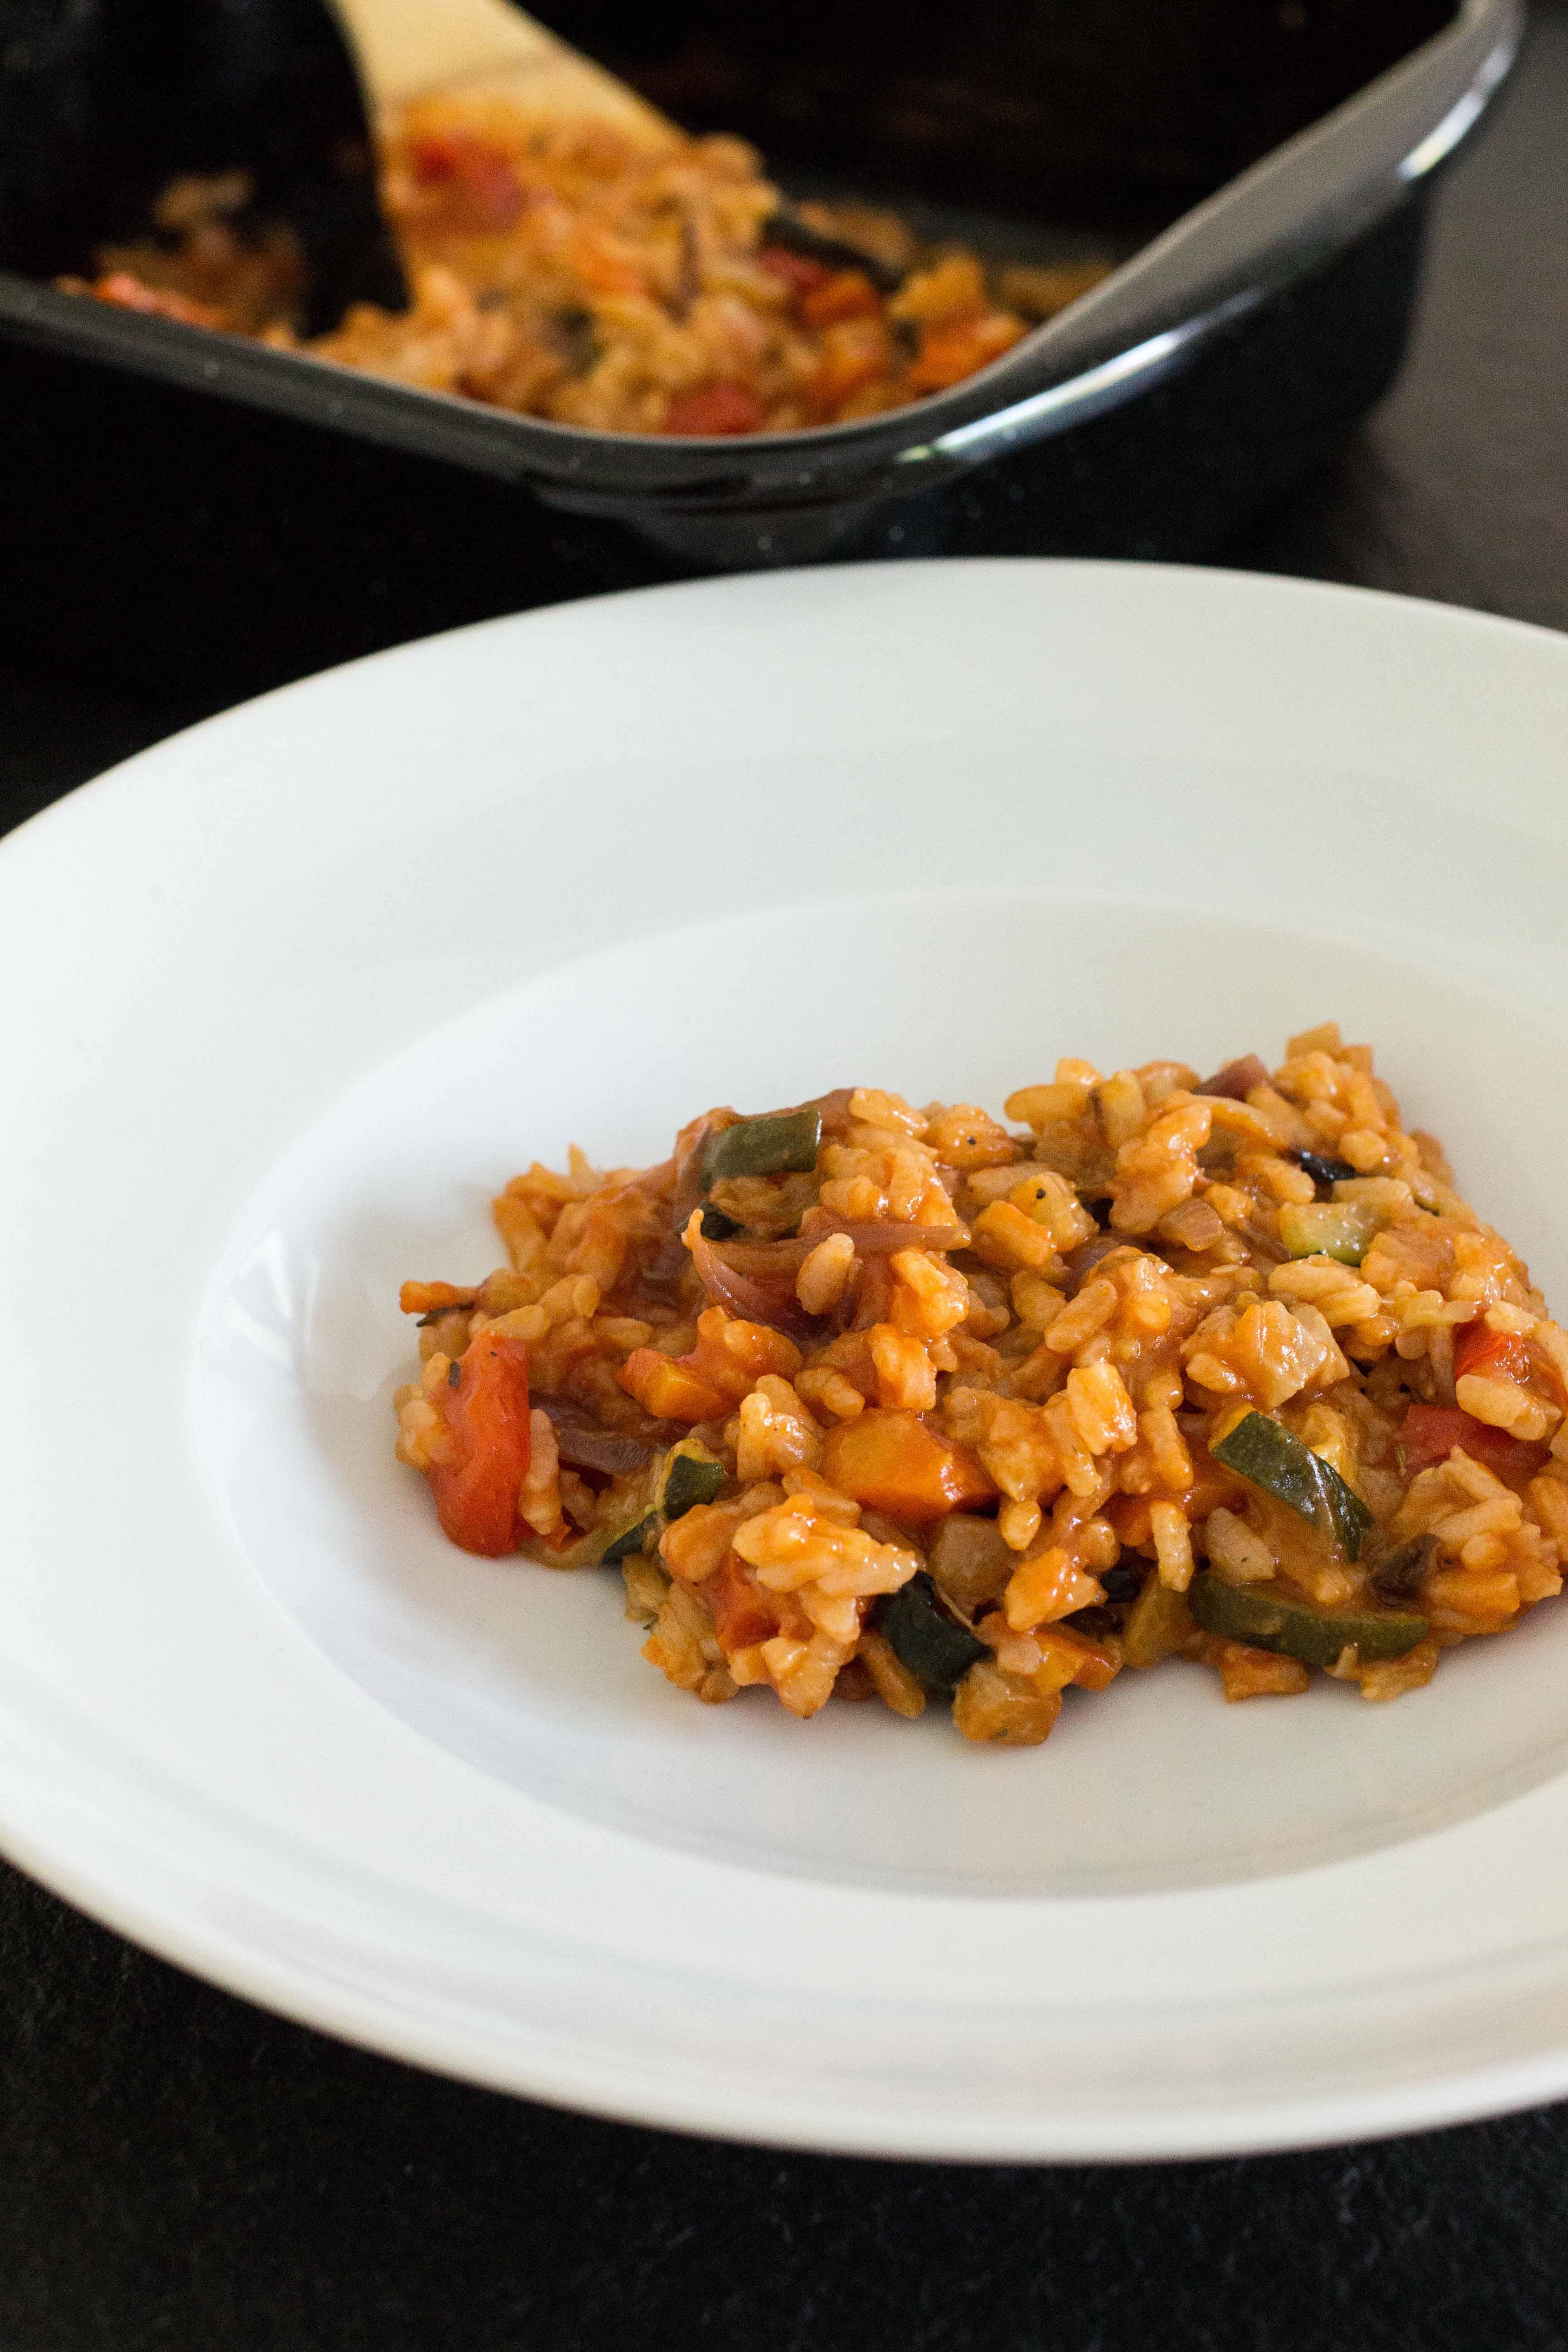 Risotto aus dem Ofen mit gebackenem Gemüse und Tomatensauce